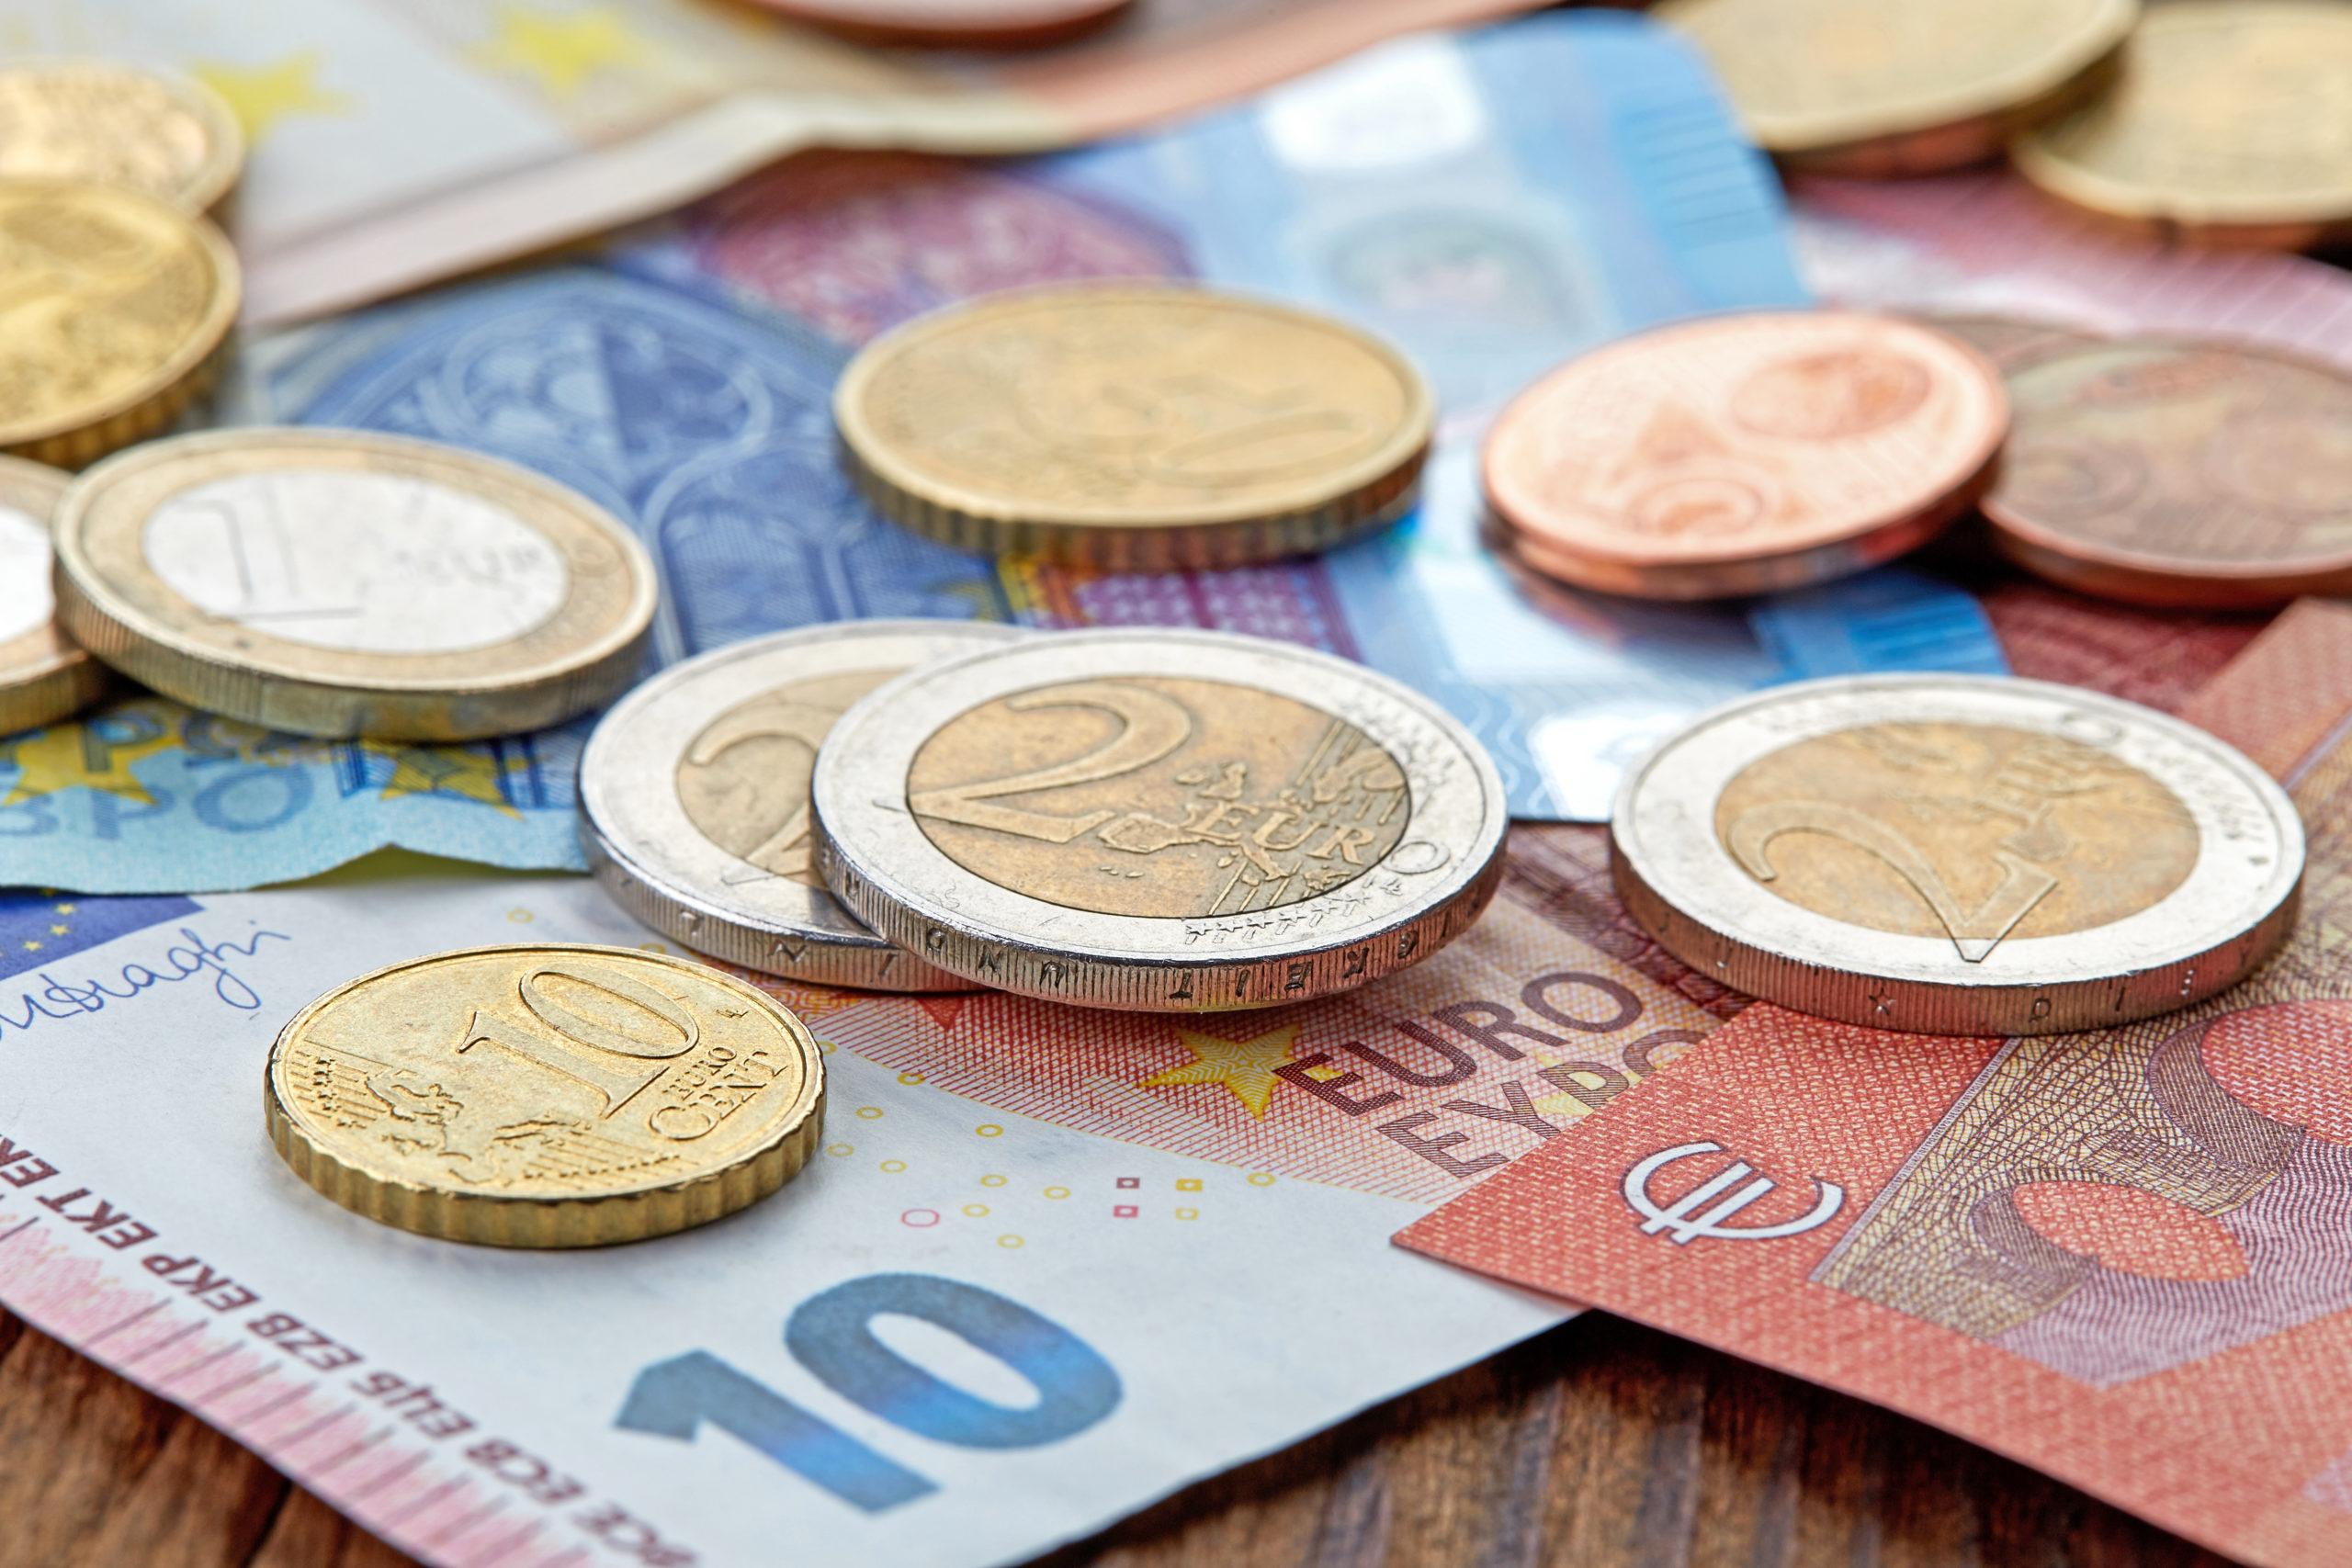 langfristig rentierliche Investitionen ausgrenzen